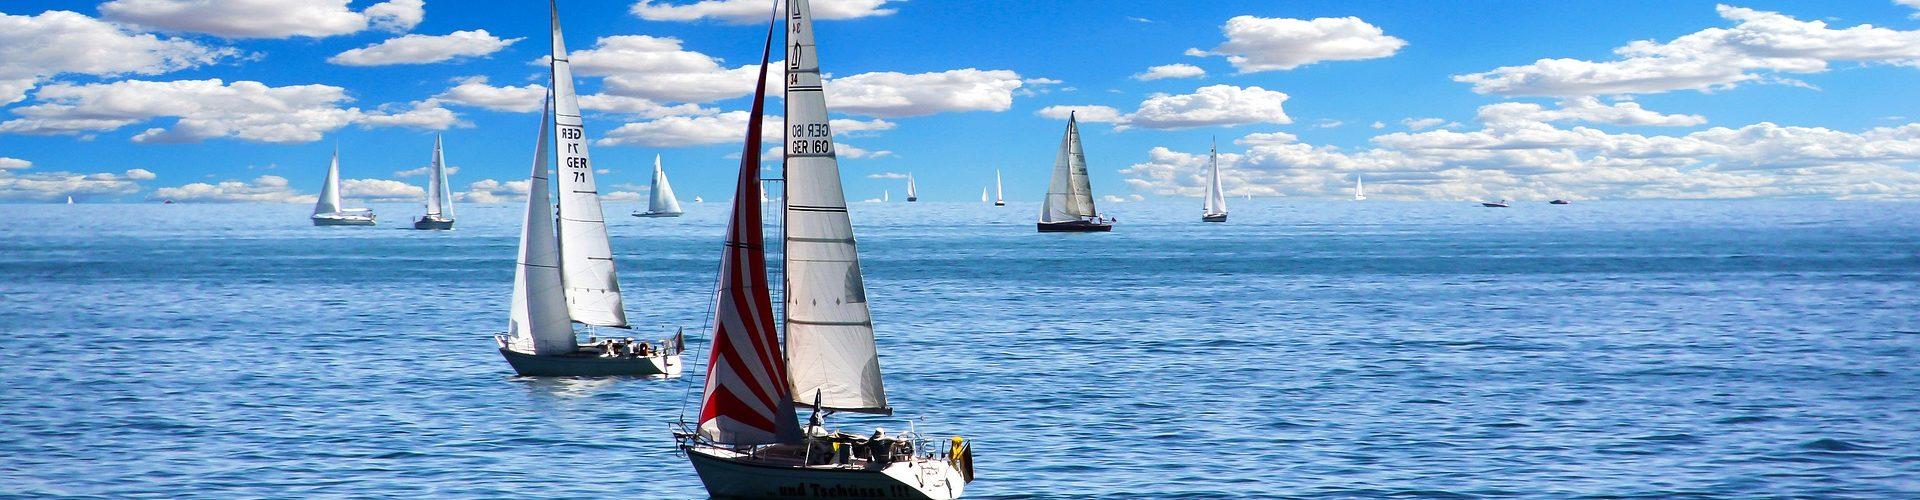 segeln lernen in Marklkofen segelschein machen in Marklkofen 1920x500 - Segeln lernen in Marklkofen